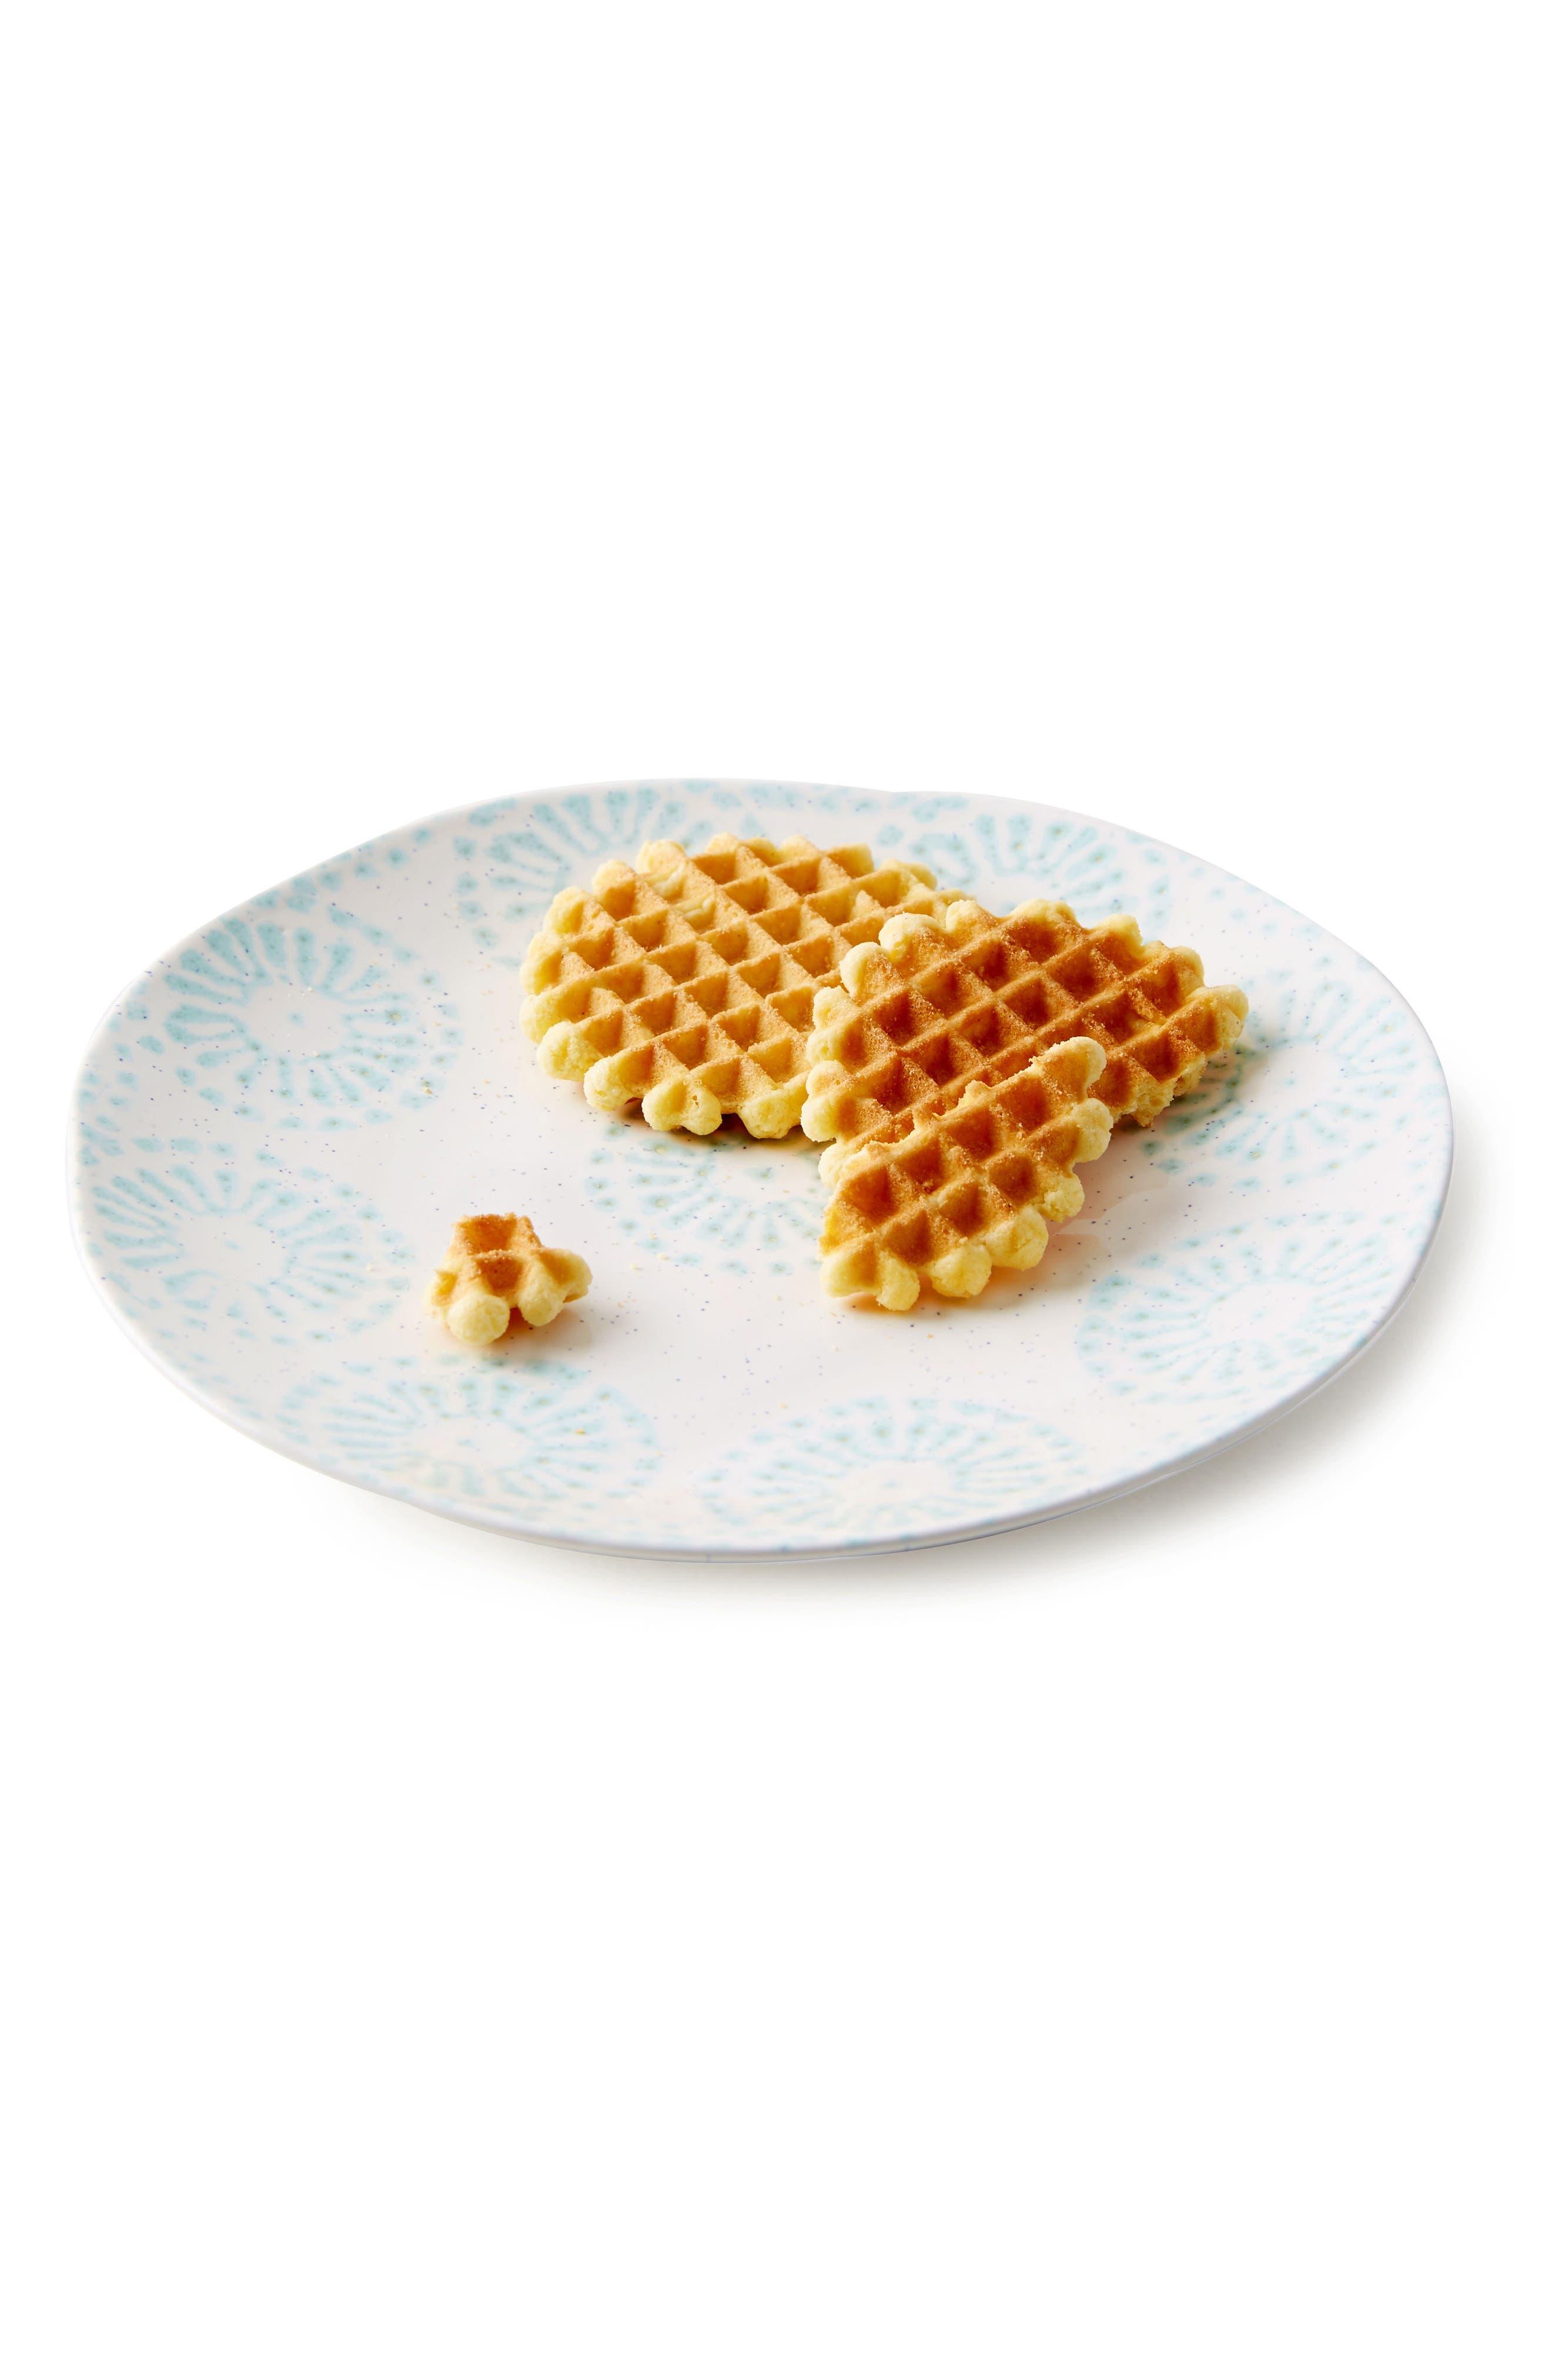 Tacola Canapé Plate,                             Alternate thumbnail 8, color,